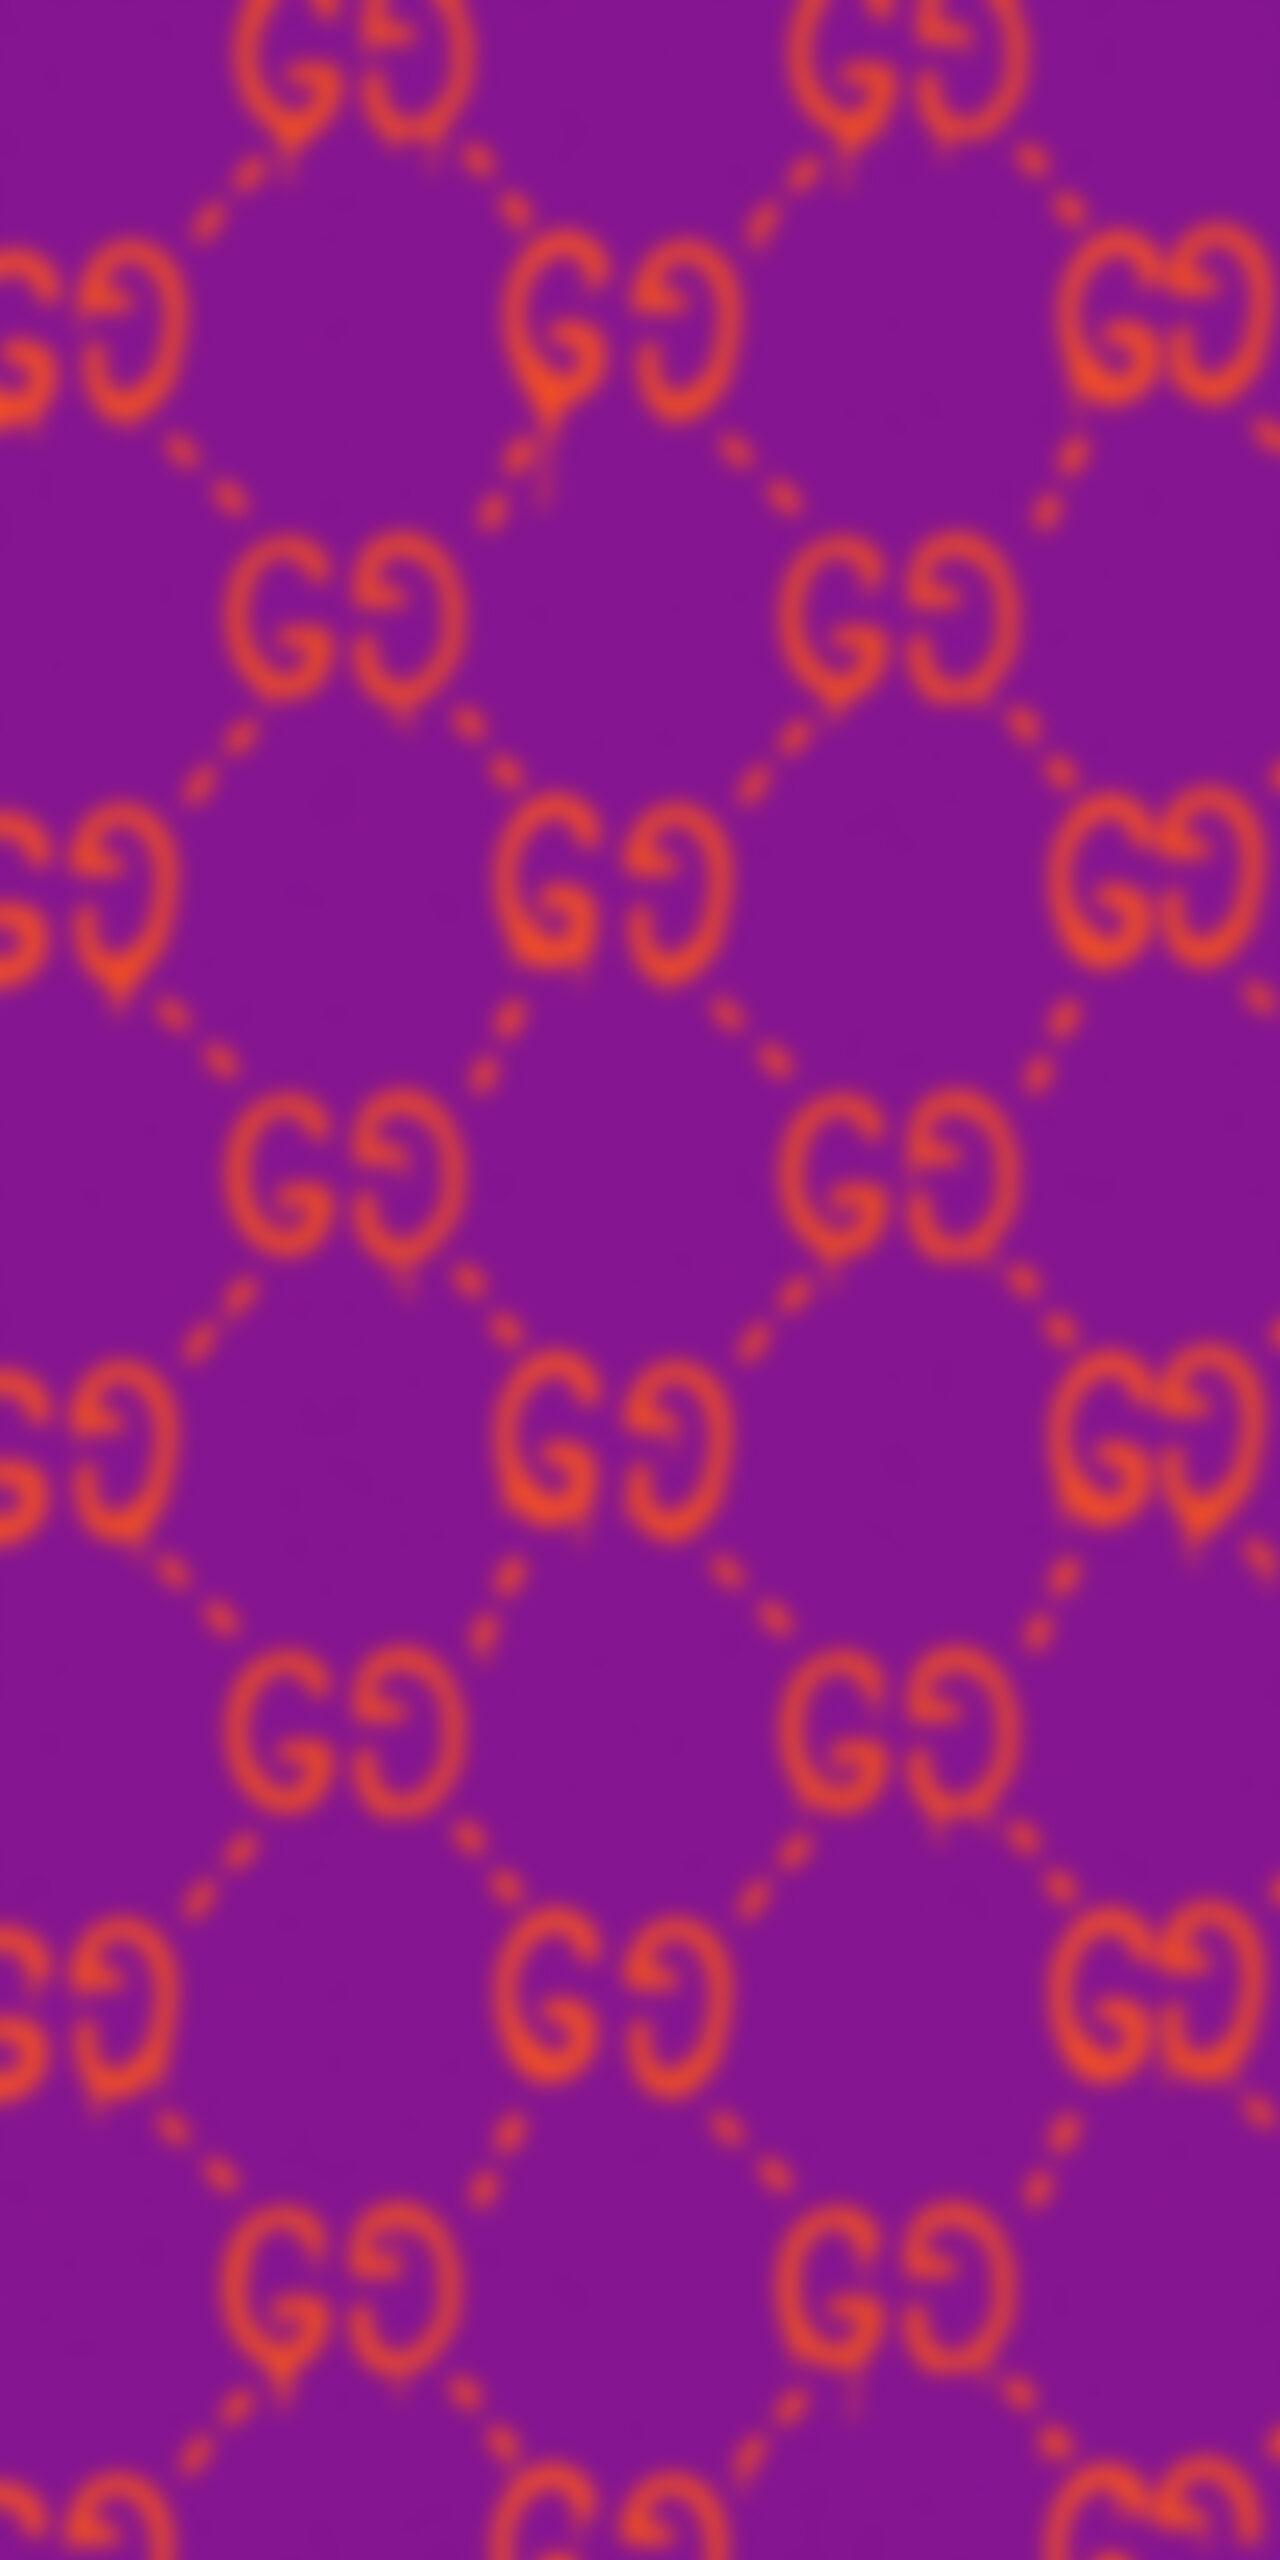 gucci ghost pattern purple blur wallpaper